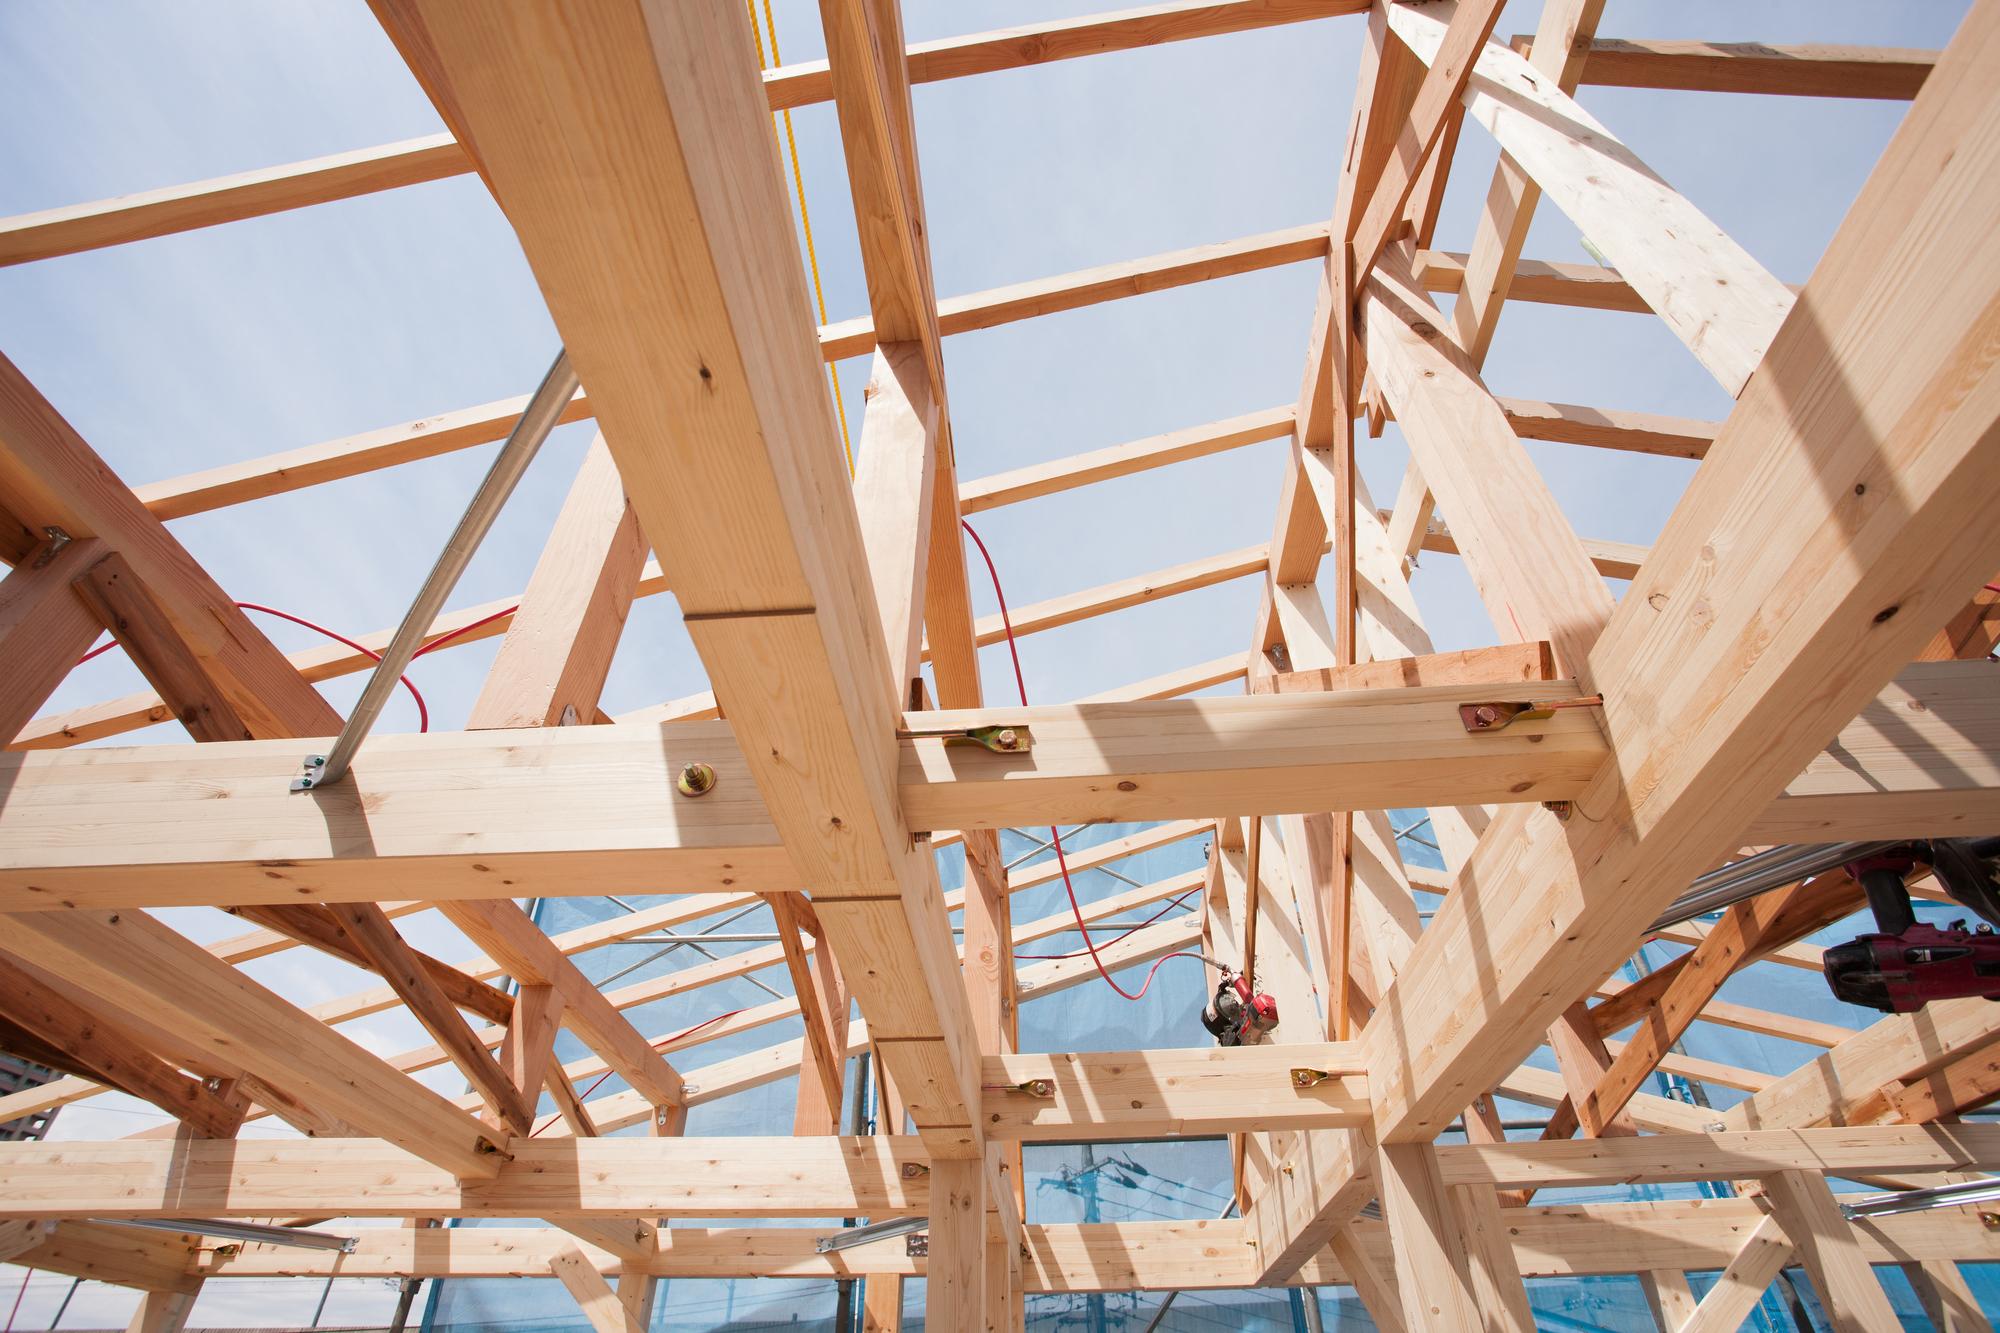 海外で生じたウッドショックでなぜ日本の木材業界が影響を受けるのか?